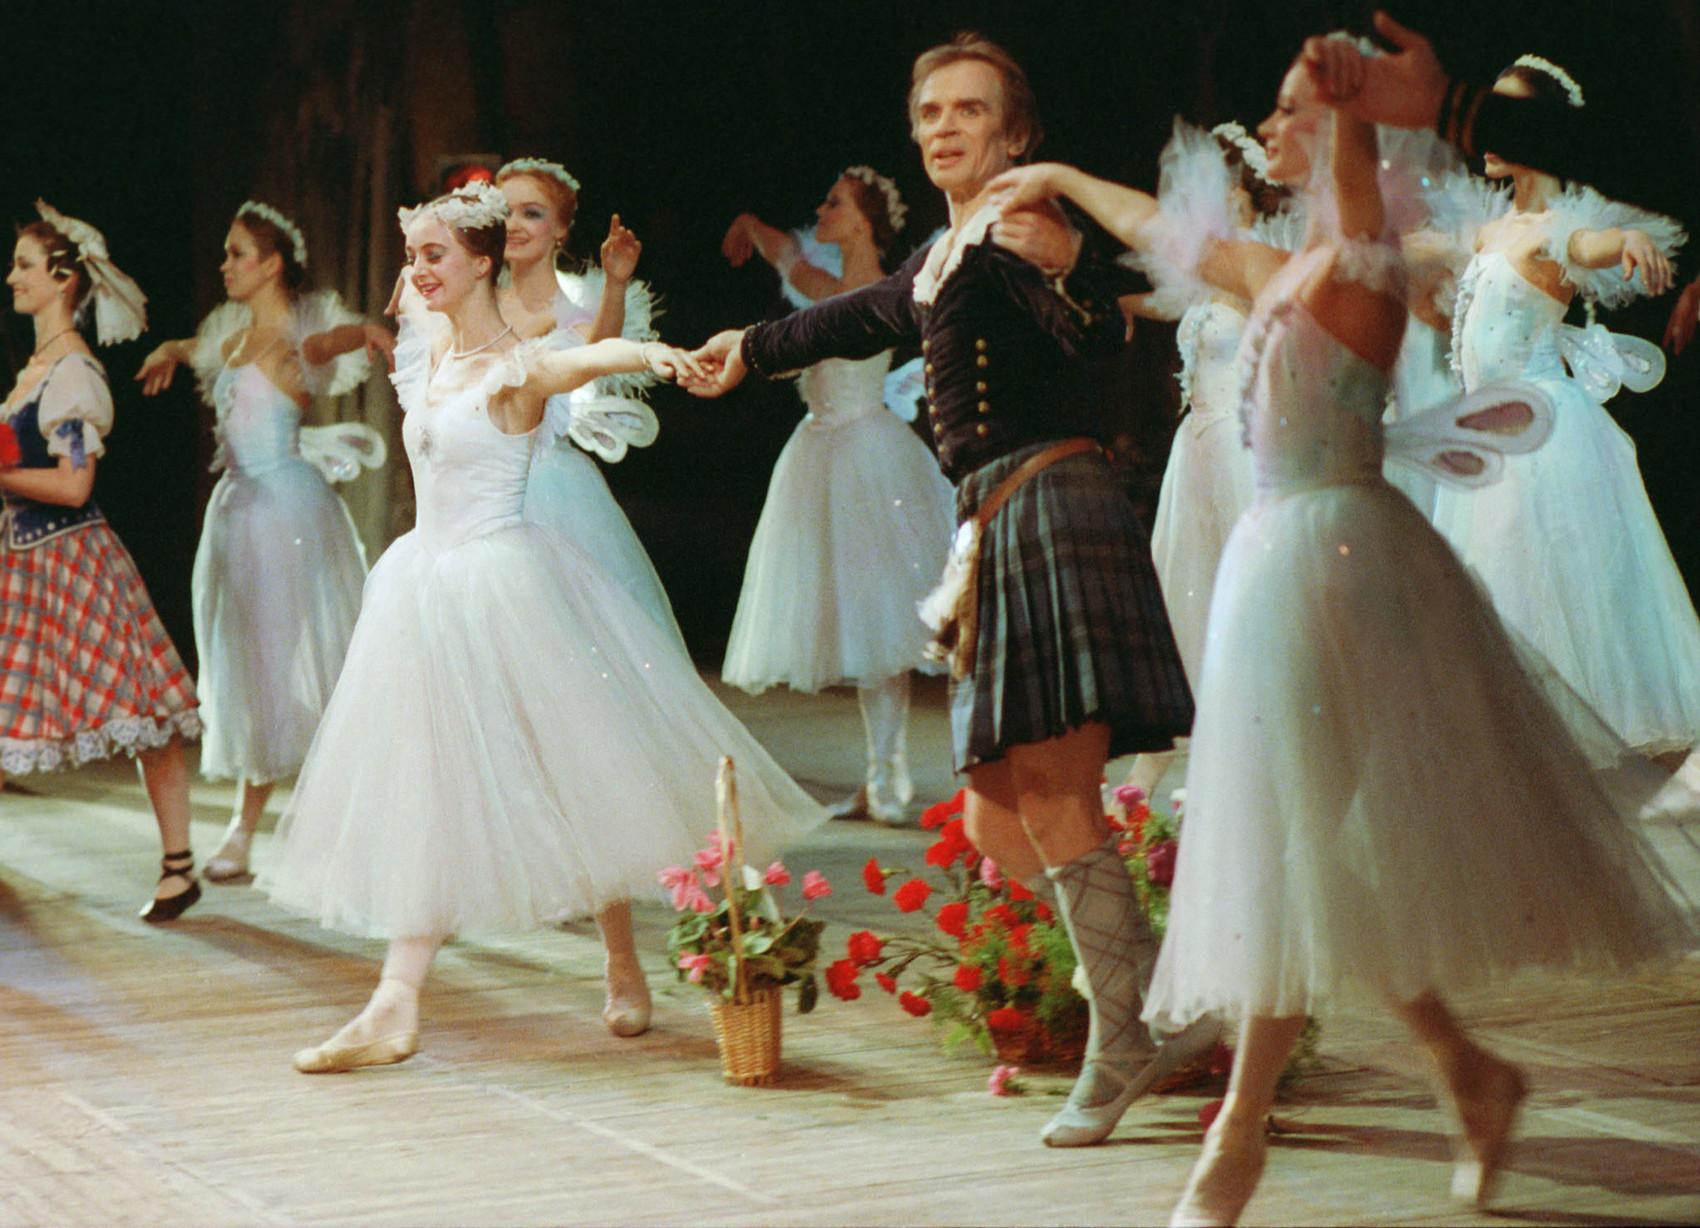 Em 1989, 30 anos após deixar a URSS, Nureyev visitou Leningrado e se apresentou no Kírov, onde foi muito aplaudido.